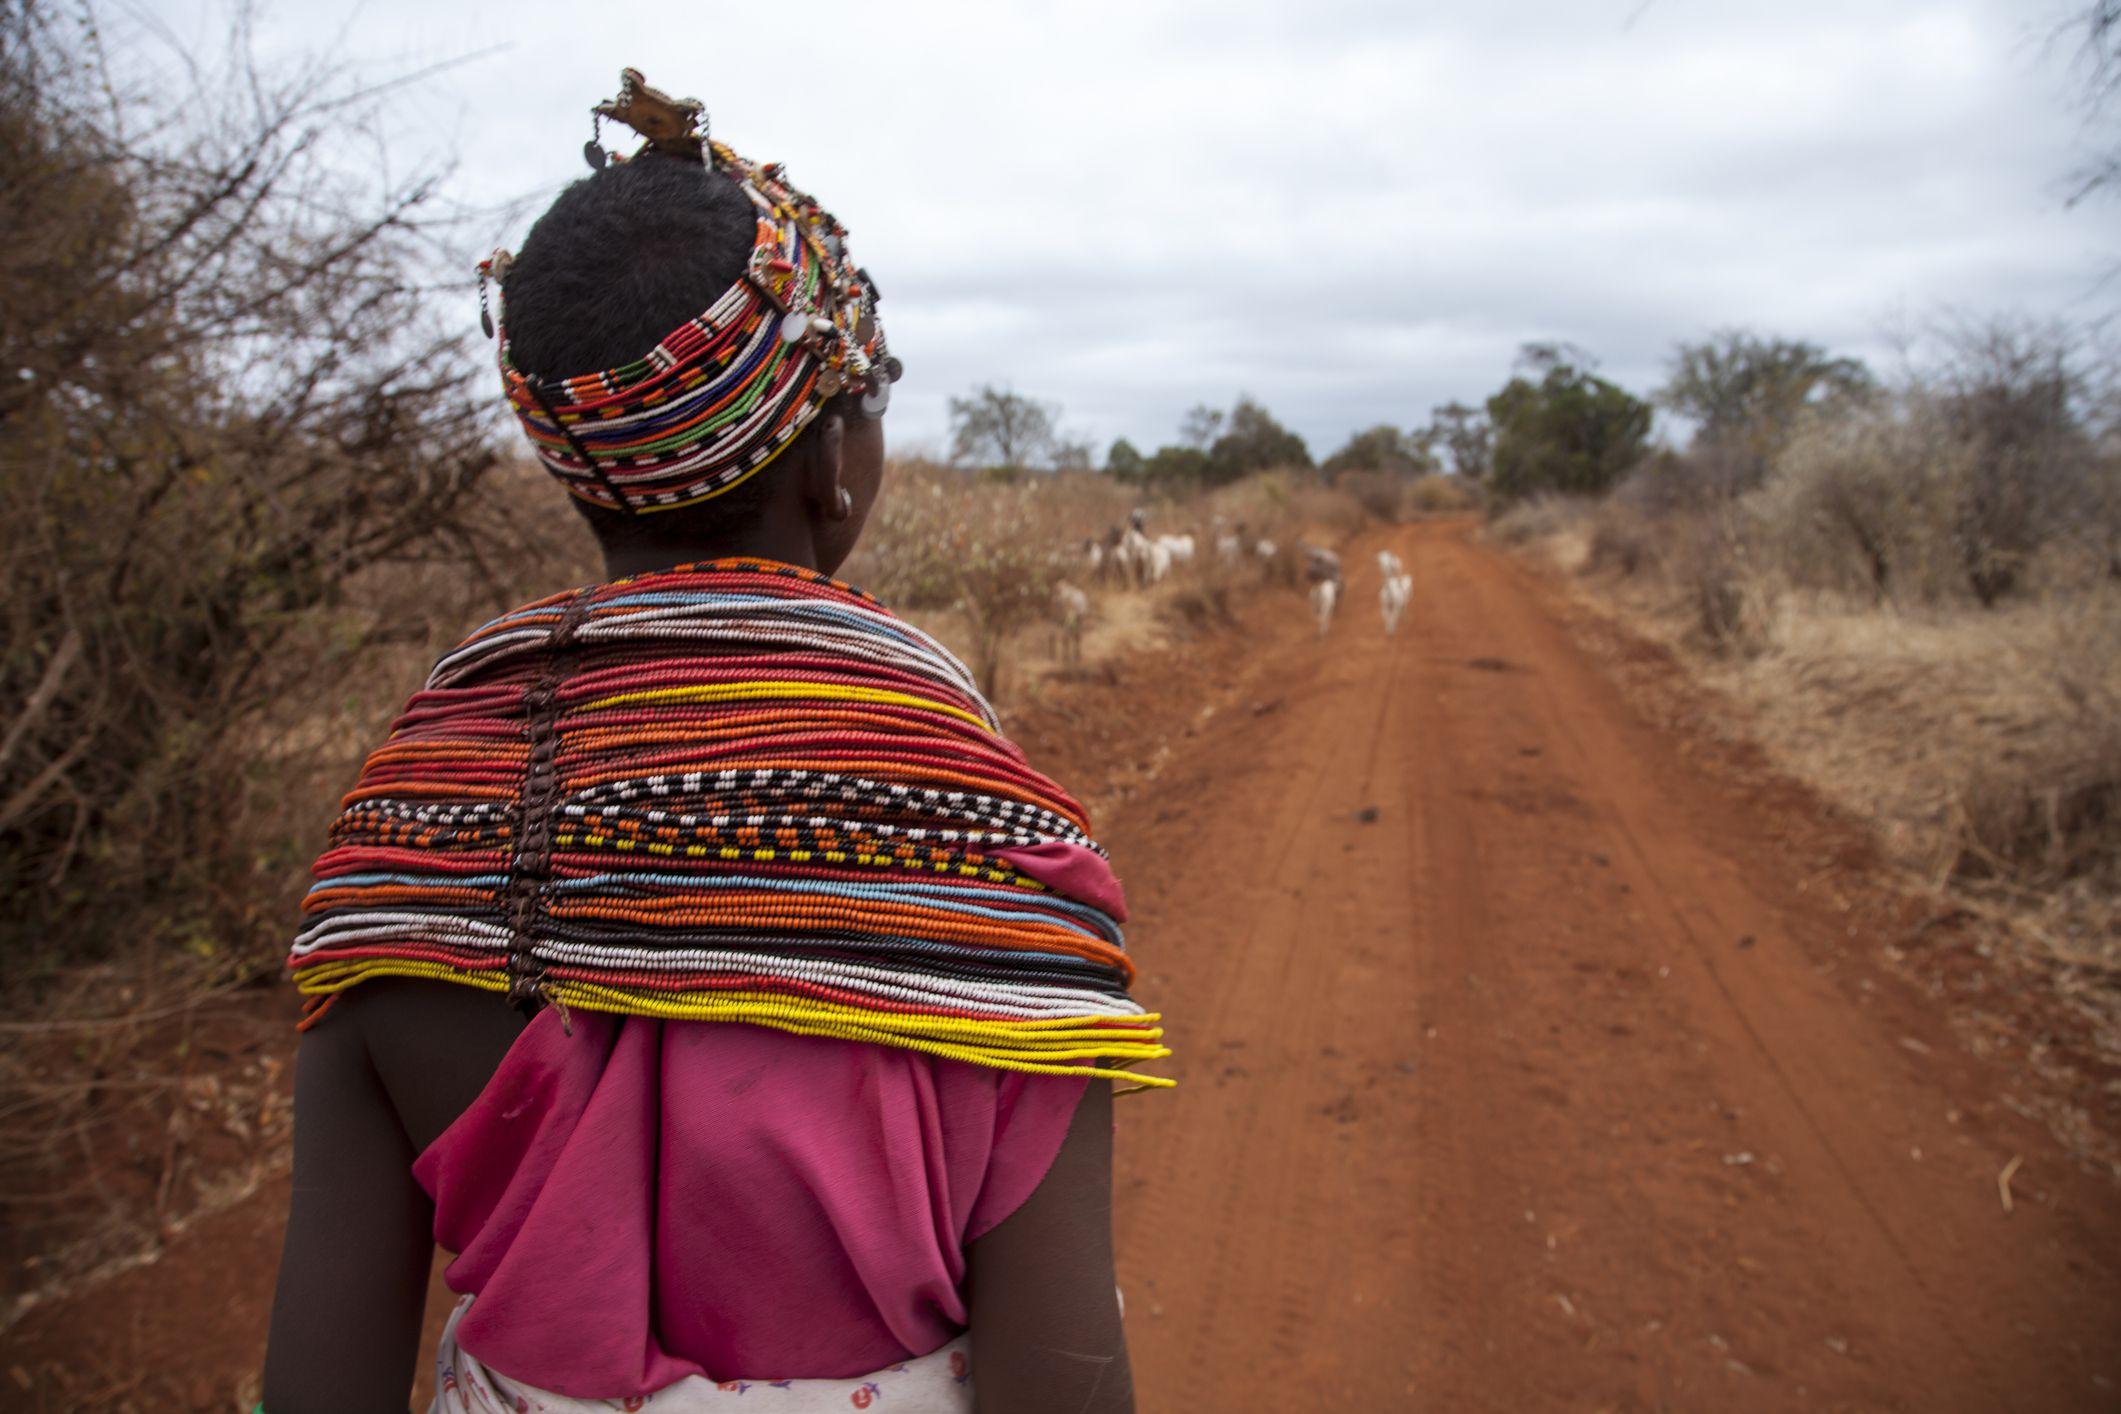 En Kort Historie Af Den Afrikanske Land Kenya